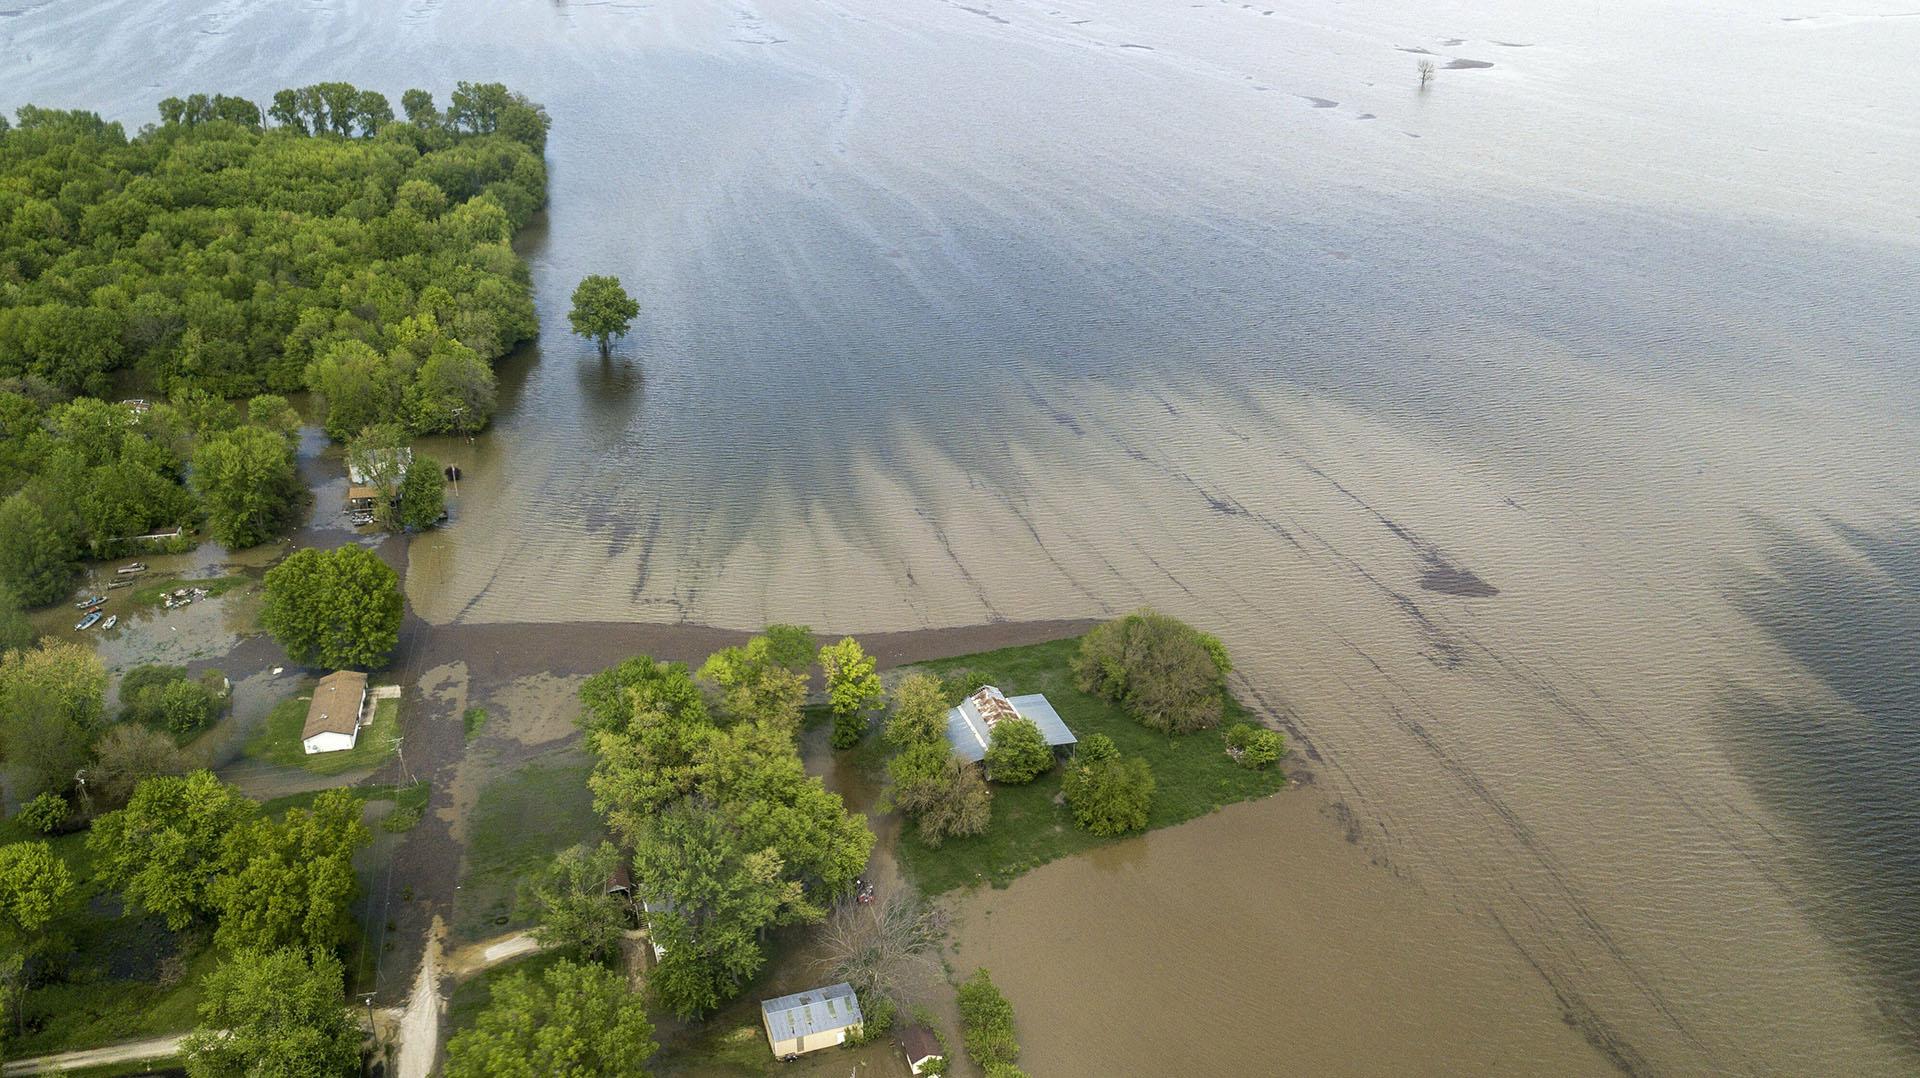 El agua del río Misisipi cubre las carreteras y se acerca a las casas el sábado 4 de mayo de 2019 en Winfield, Misuri. (AP)